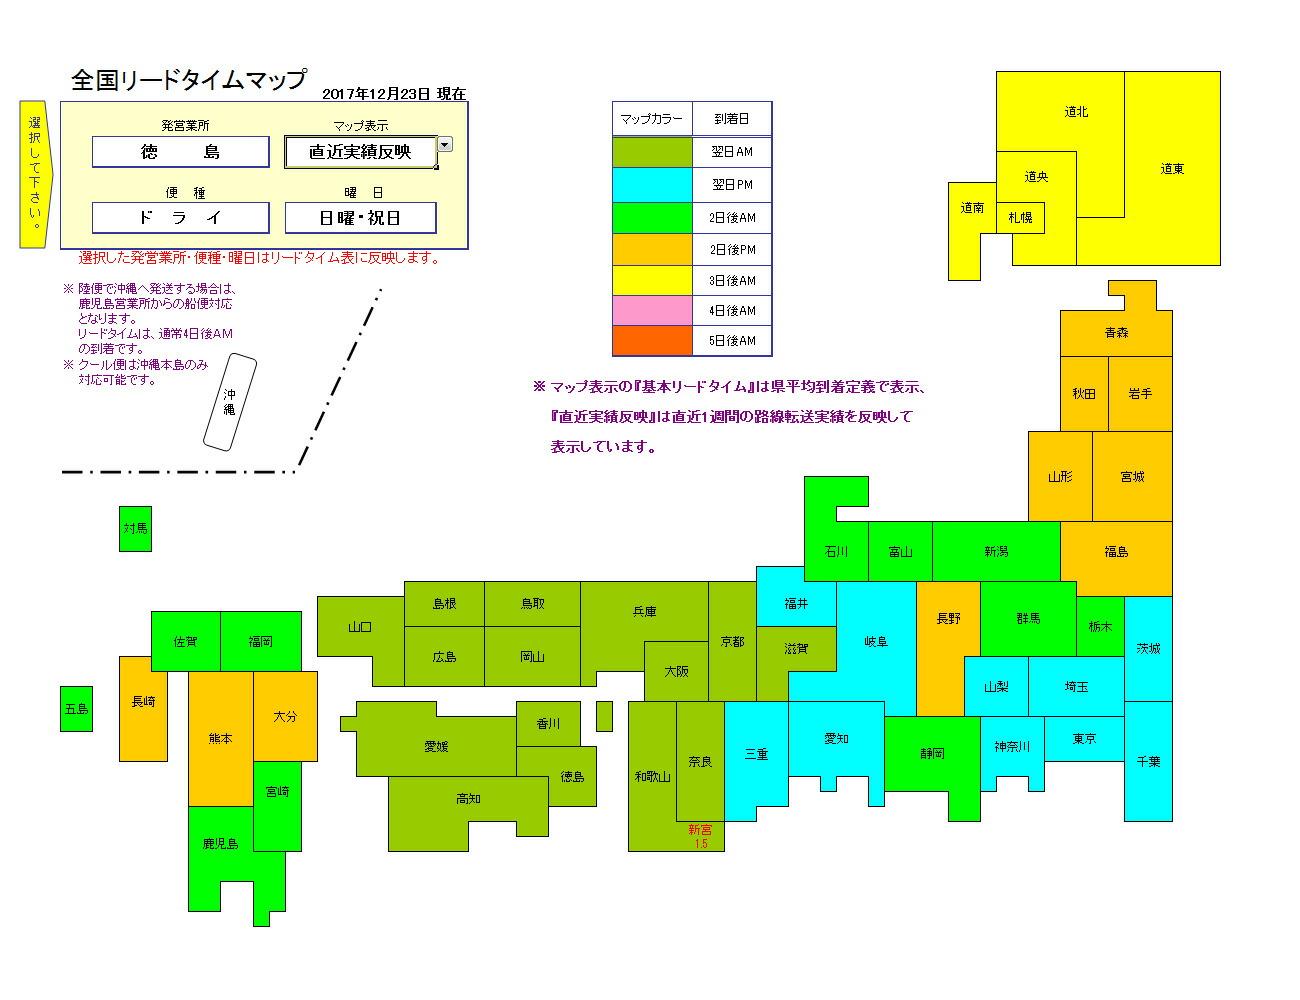 佐川急便でお届けする場合のリードタイムマップ